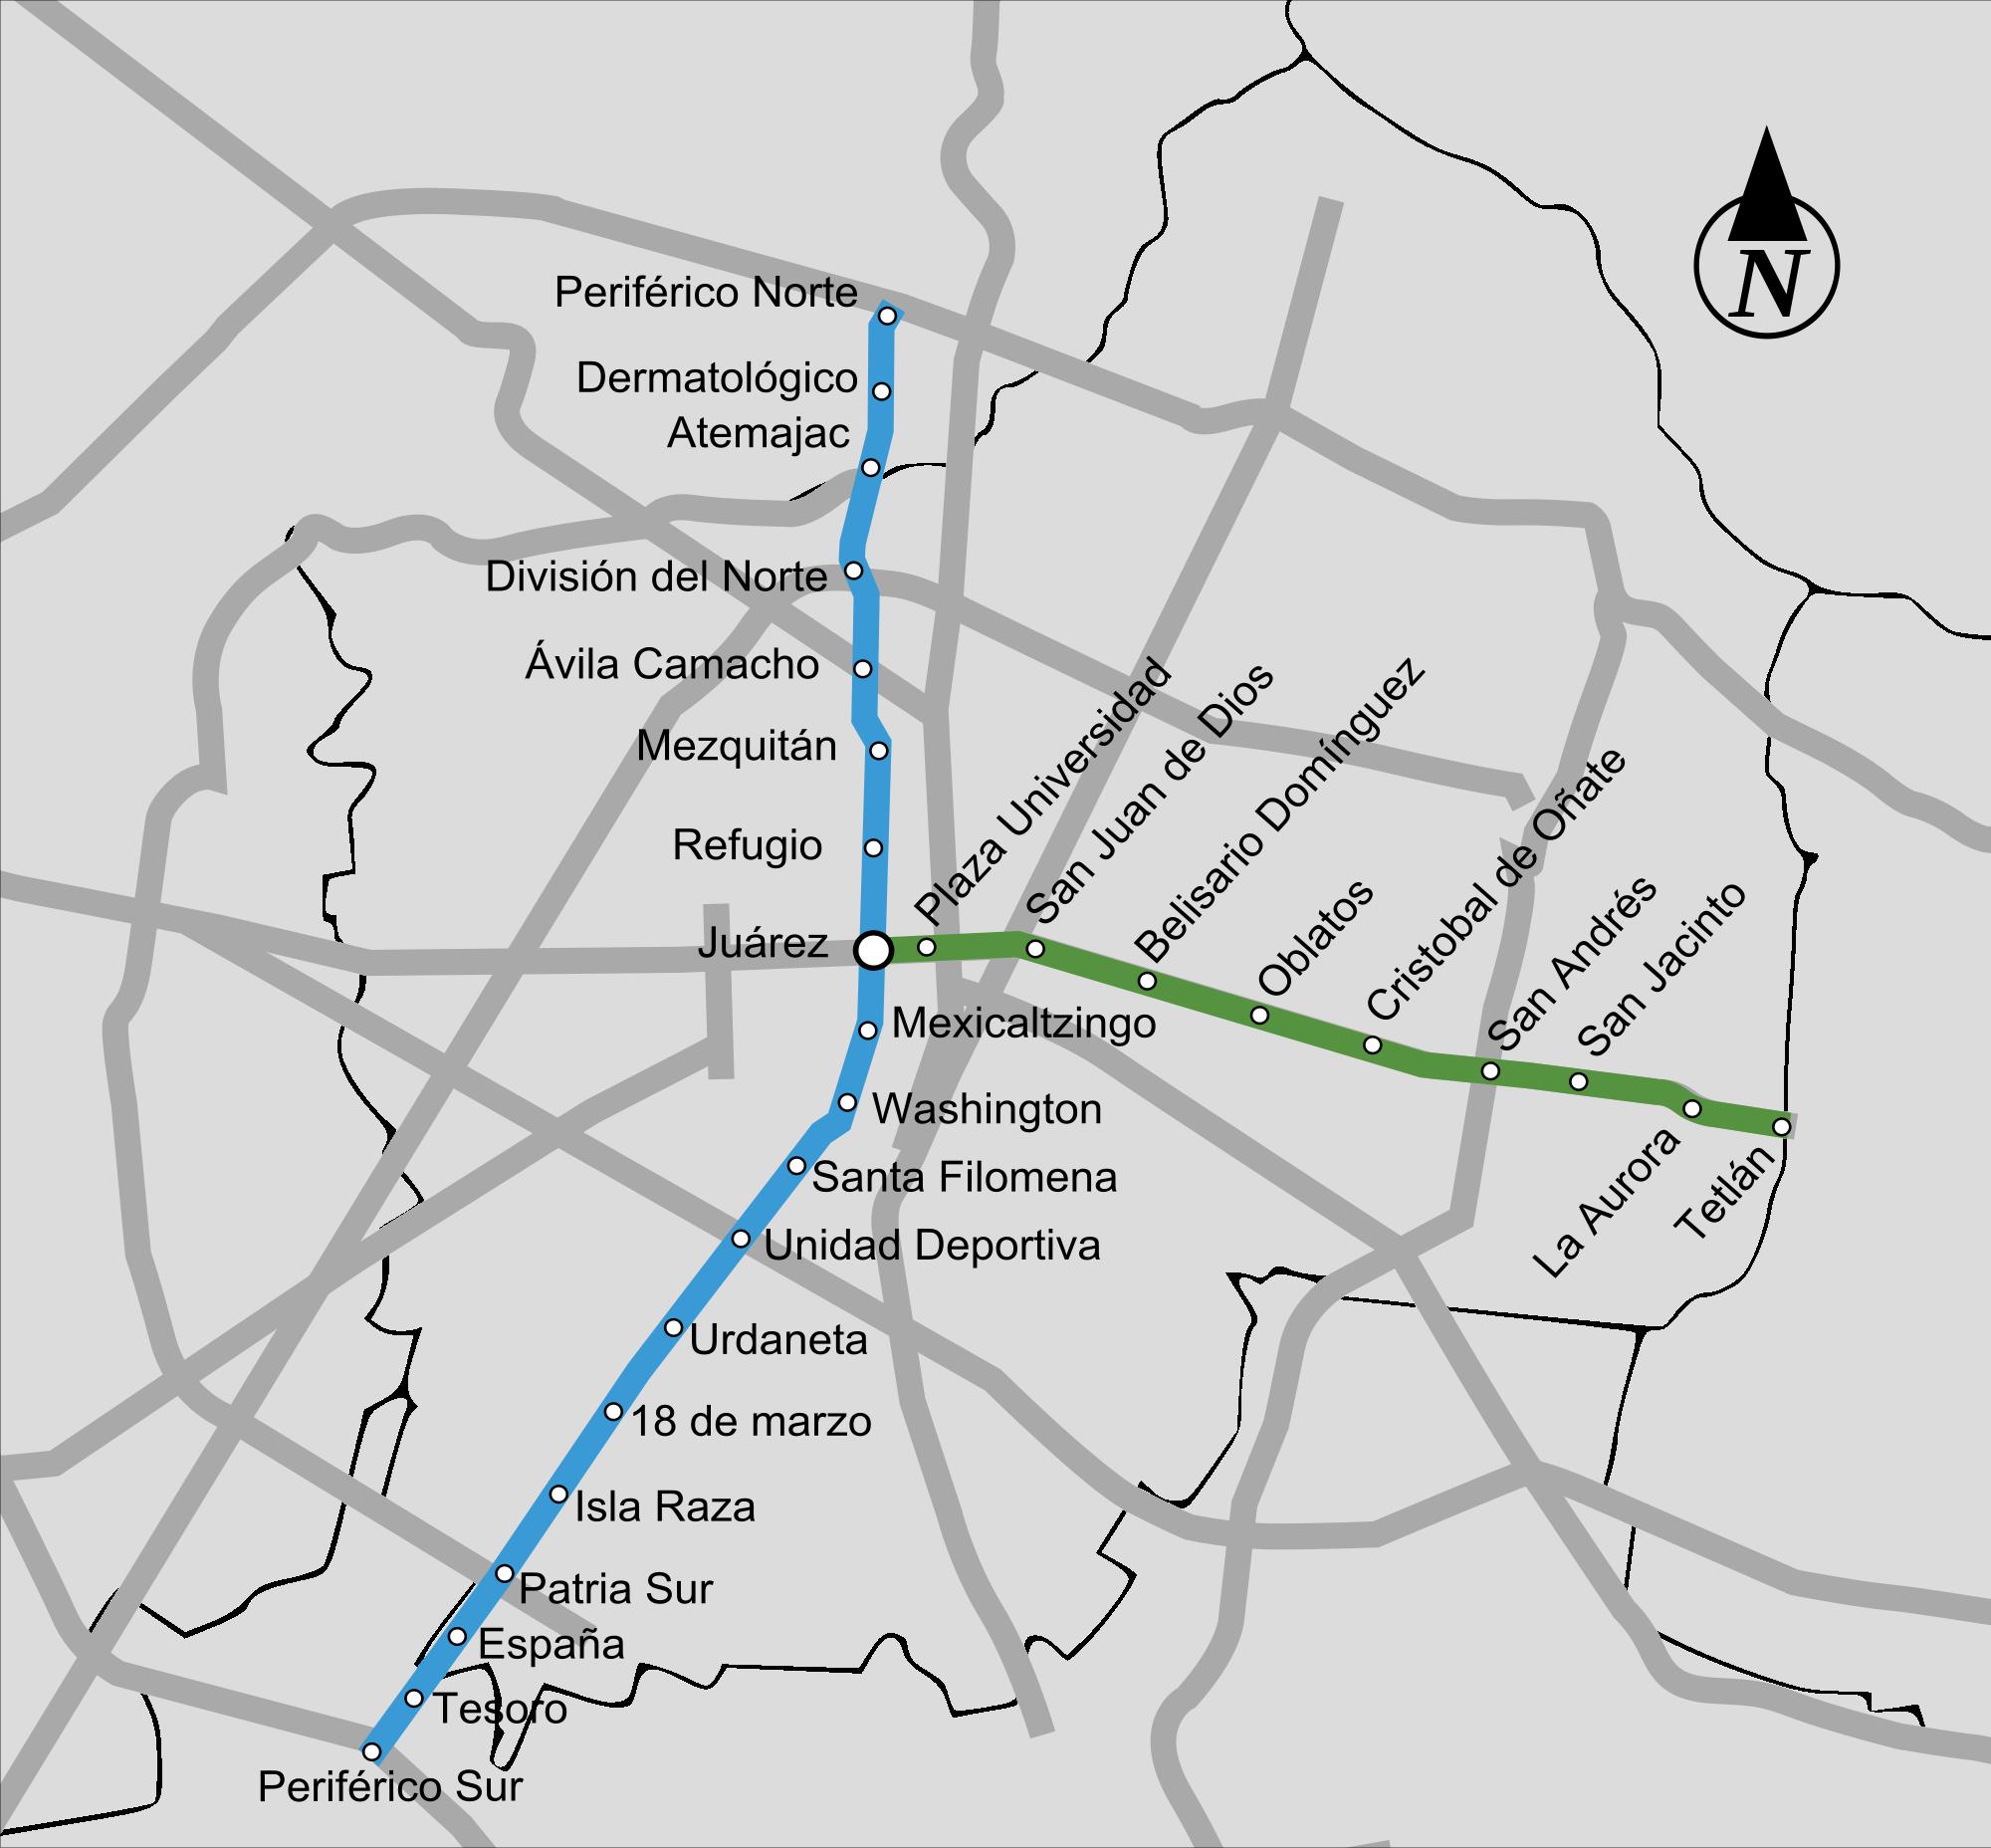 #Guadalajara ist die zweitgrößte Stadt in Mexiko und die Hauptstadt von Jalisco. Wie in den meisten Städten mit einem rapiden Wachstum, hatte der Verkehrsstau keine andere Lösung, als ein Stadtbahnsystem zu bauen, das den größten Teil seiner Route unterirdisch fährt.  U-bahn